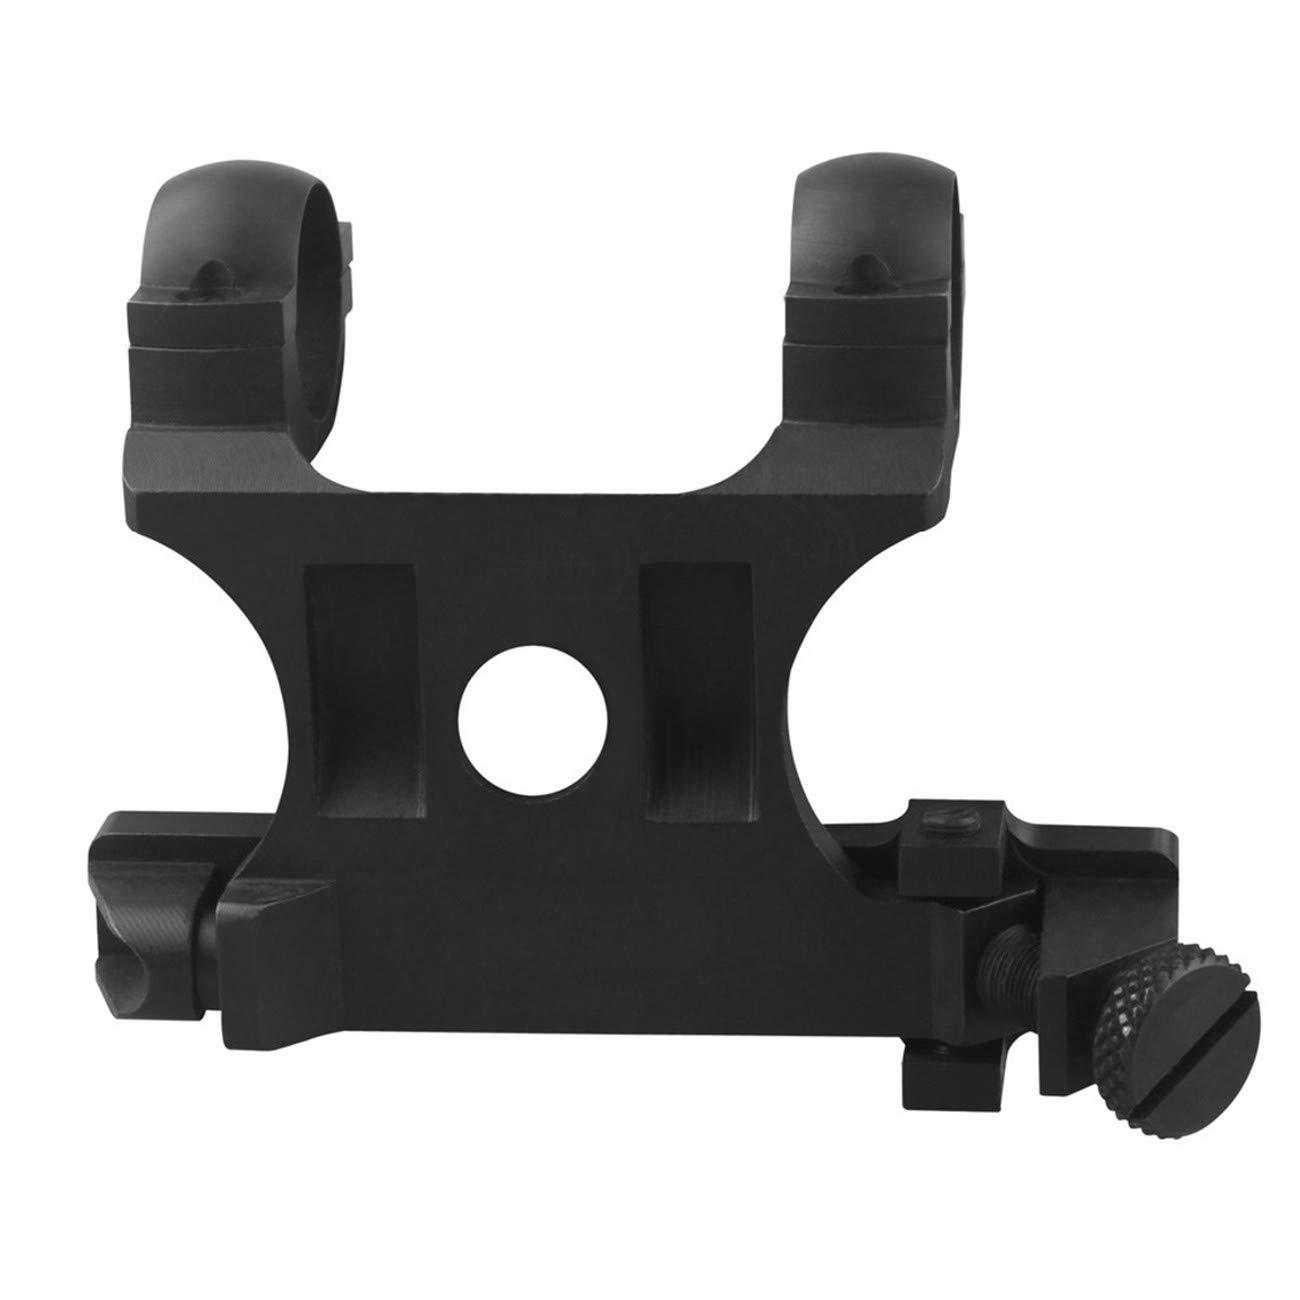 ARWIN Umfang und Halterung f/ür Mosin Nagant Replica Mosin Nagant Scope Side Stahlhalterung f/ür 1 Zoll 25,4 mm Zielfernrohr